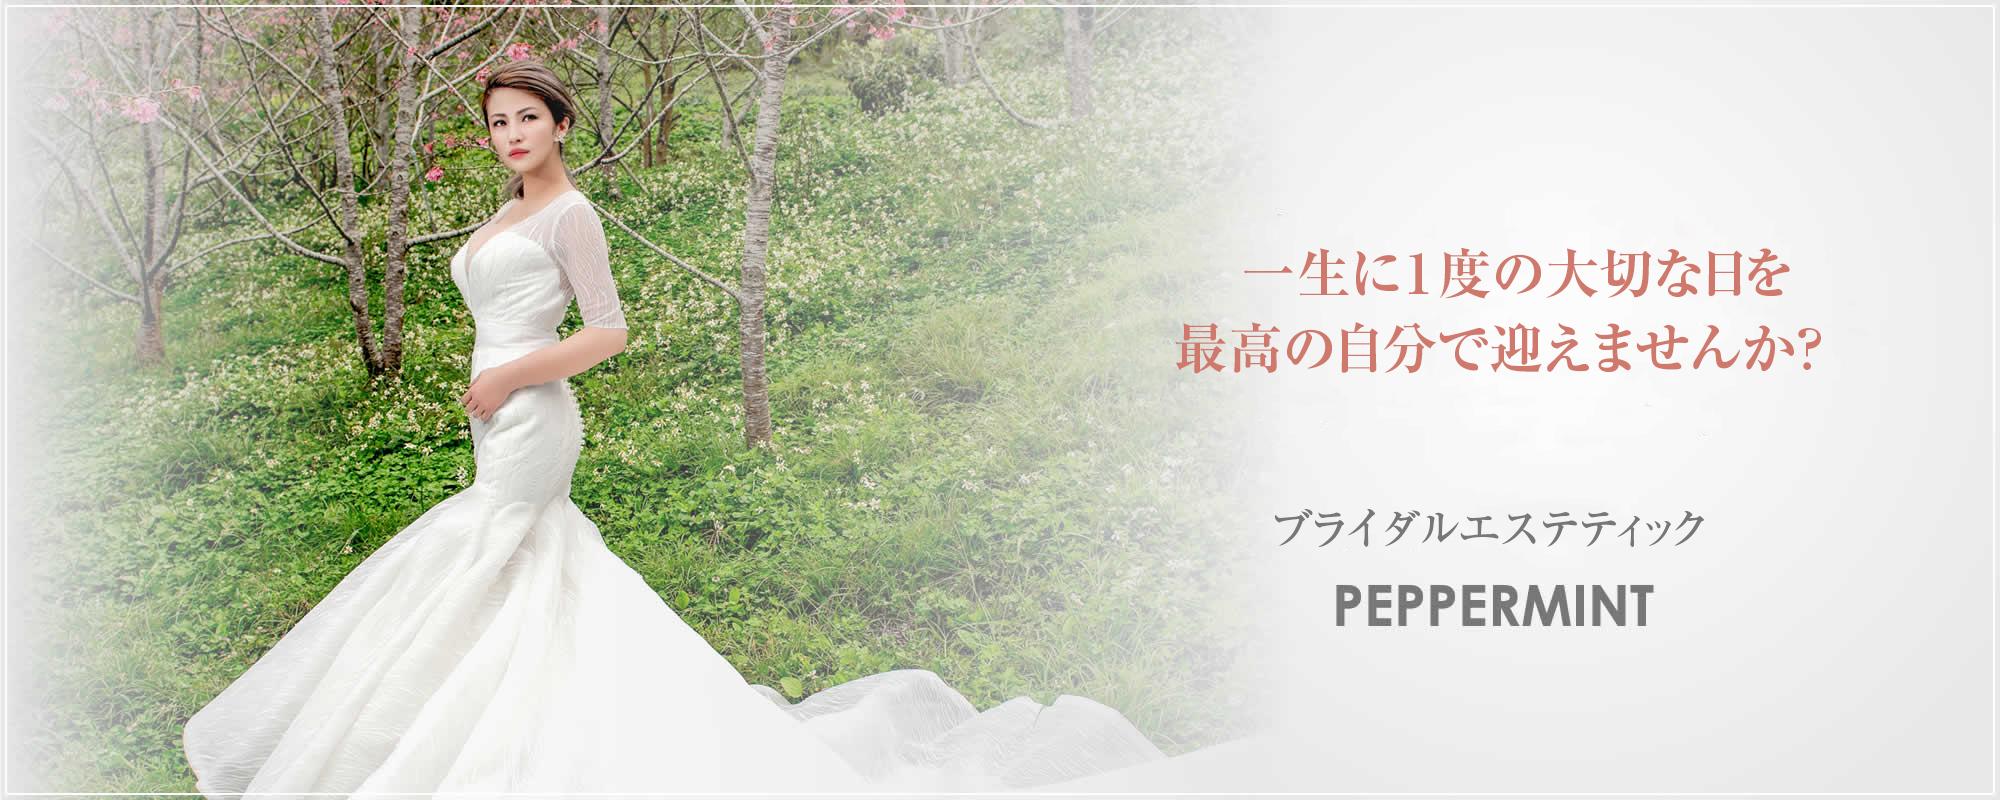 結婚式までに確実に美しく痩せる ブライダル専門エステ ペパーミント